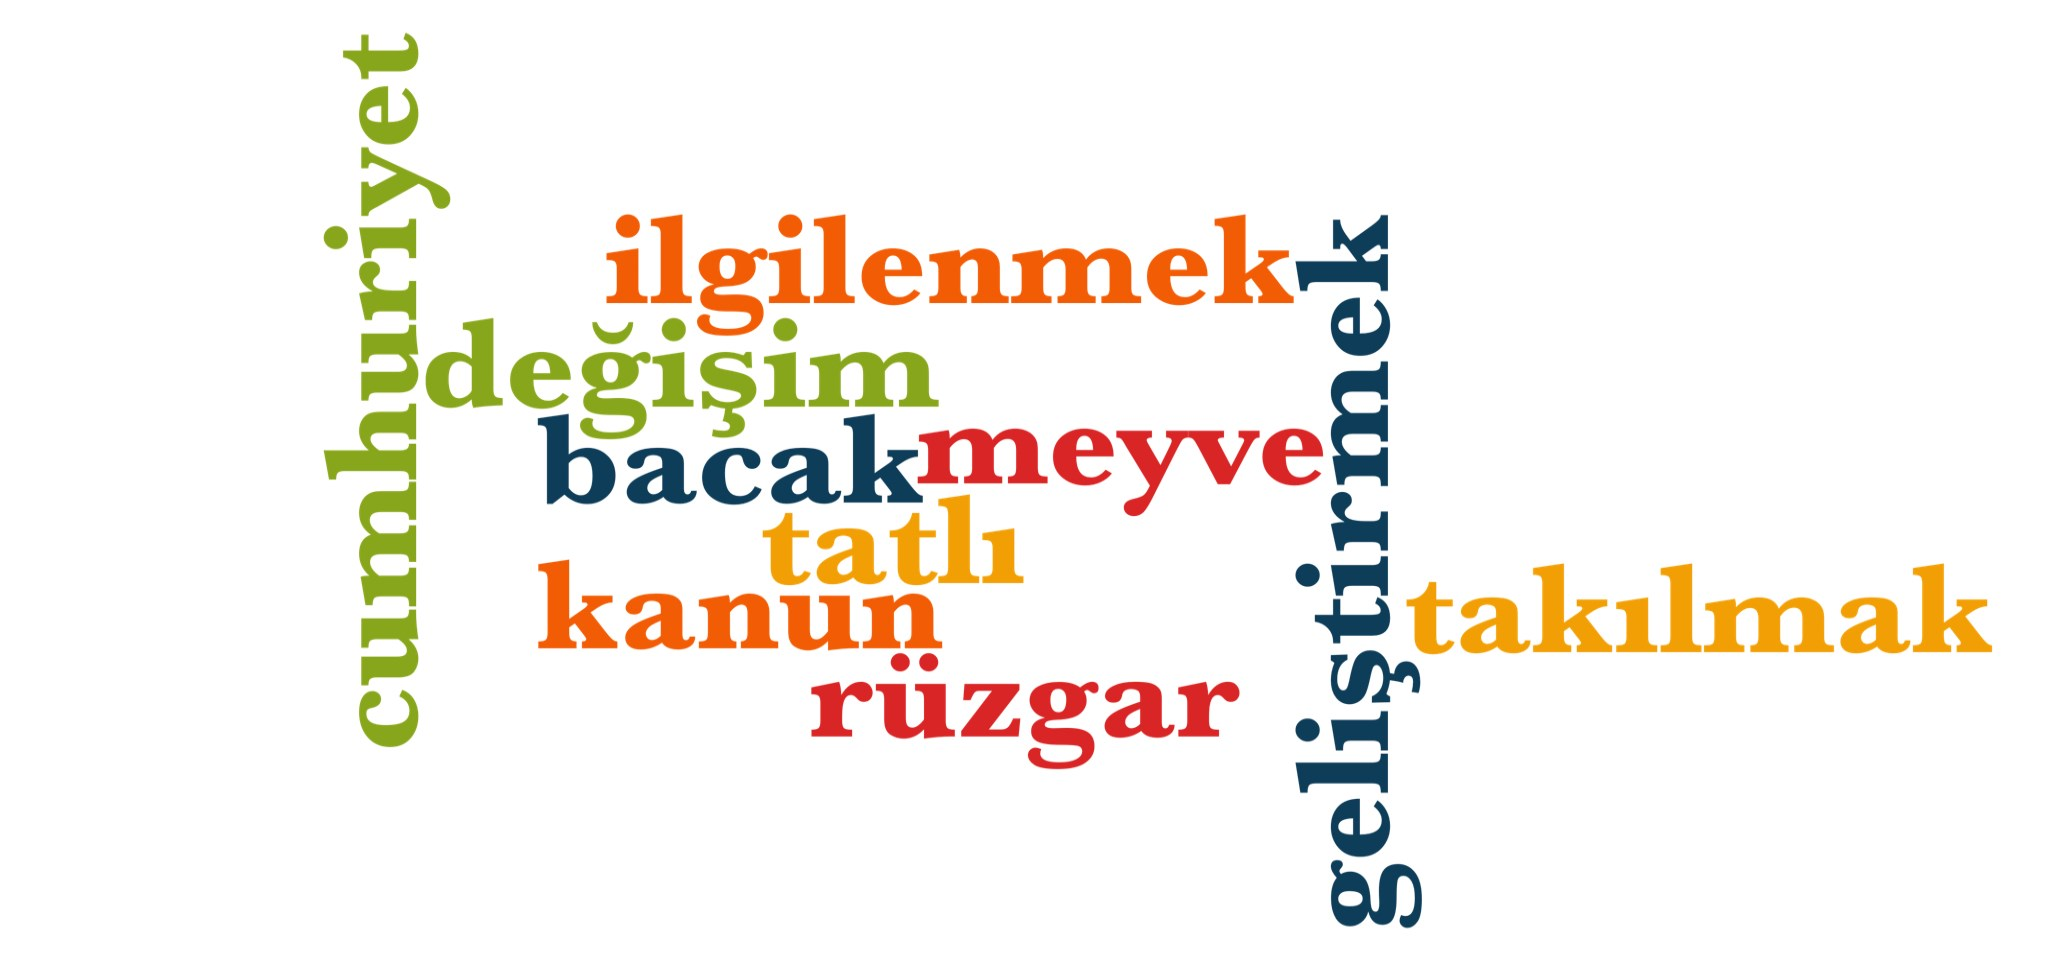 Wörter 881 bis 890 der 1000 häufigsten Wörter der türkischen Sprache